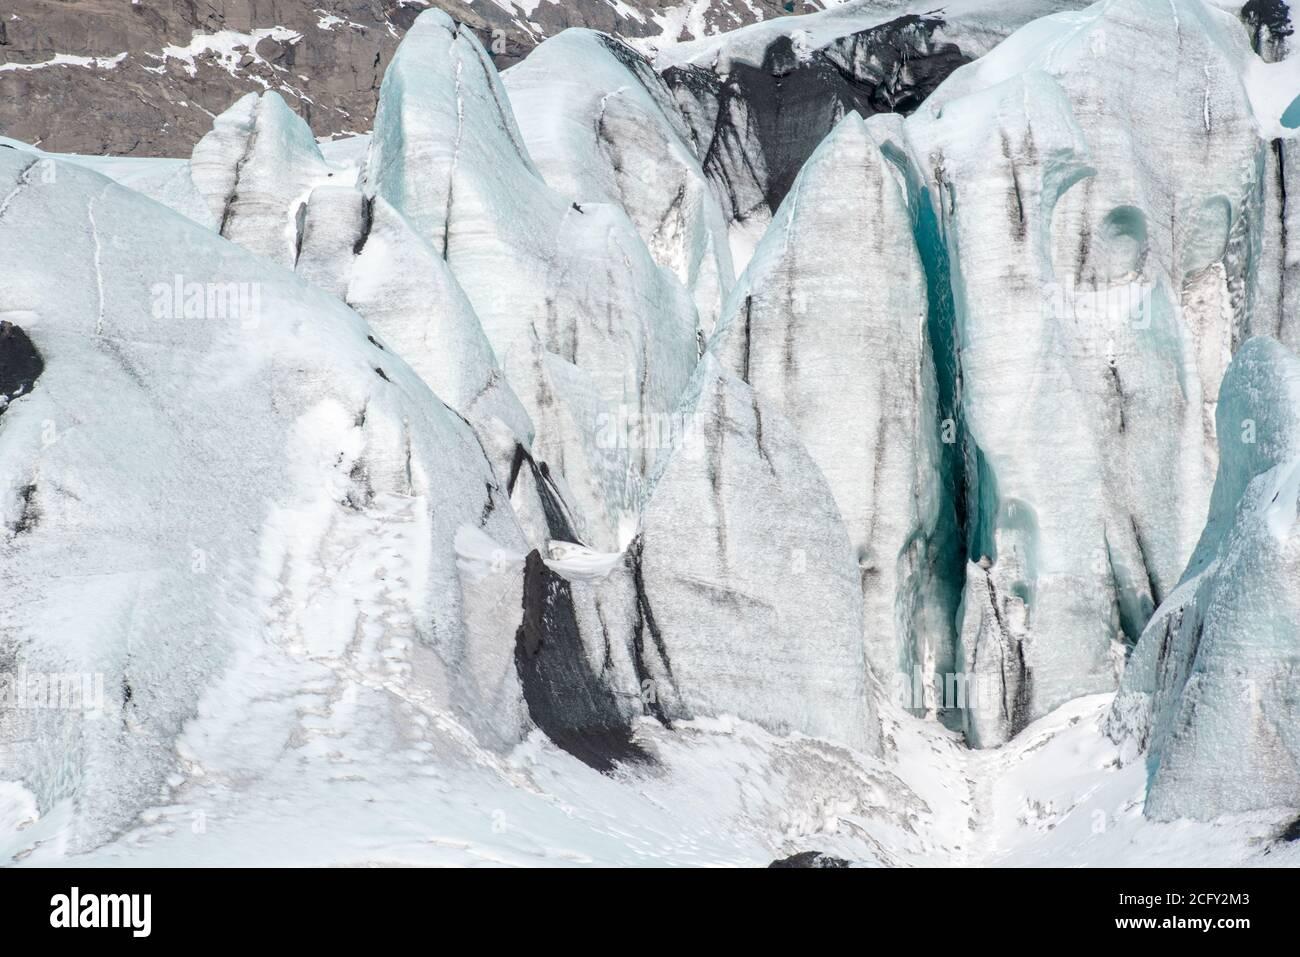 Glacier de Solheimajokull, sud de l'Islande Banque D'Images